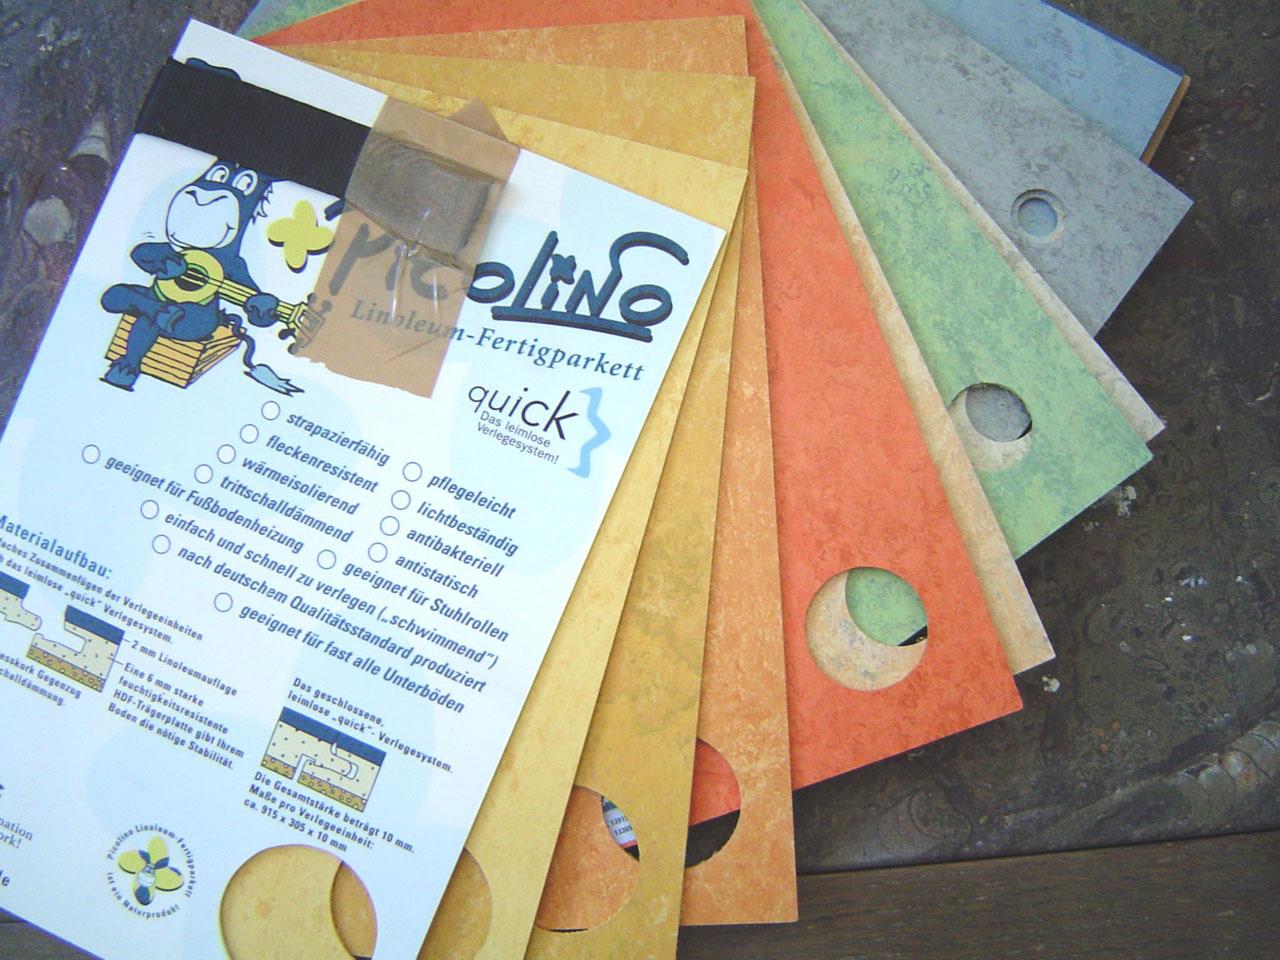 Linoleum schwarz fu bodentechnik for Linoleum schwarz